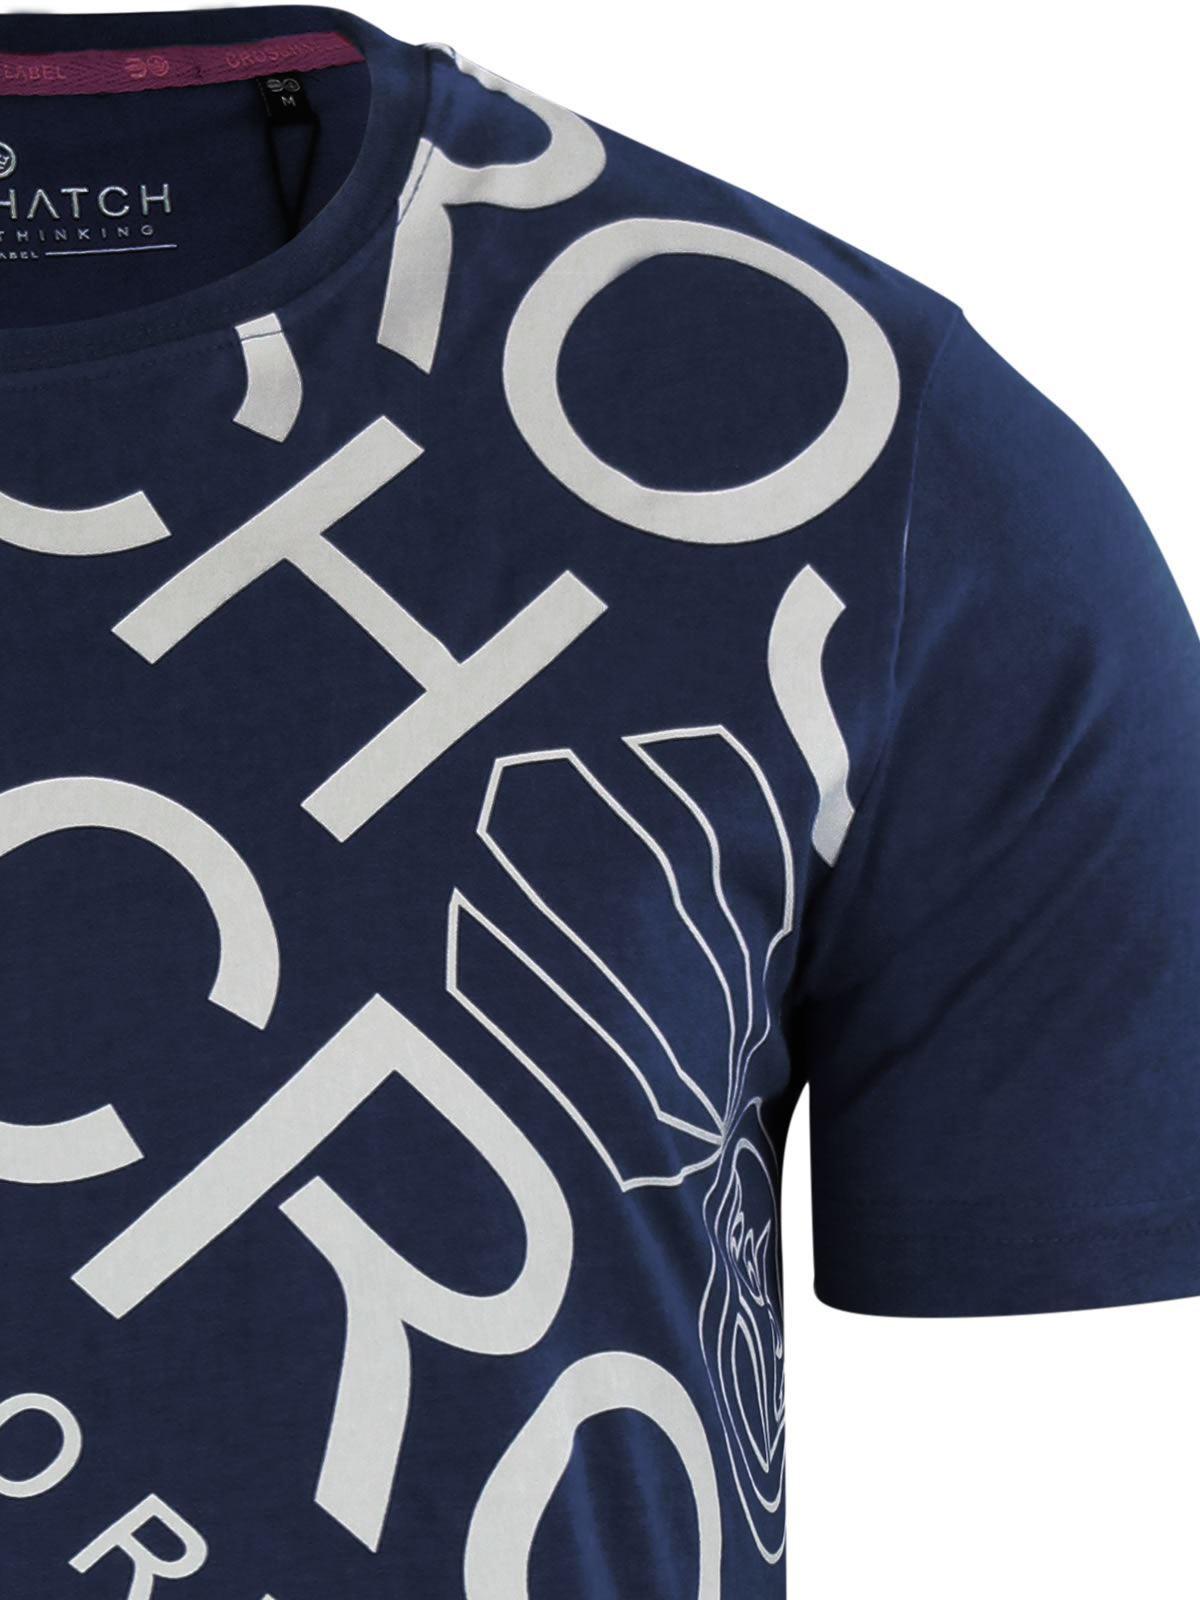 Para-Hombres-Crosshatch-Camiseta-Cuello-redondo-Prenda-para-el-torso-Camiseta-diagwol miniatura 10